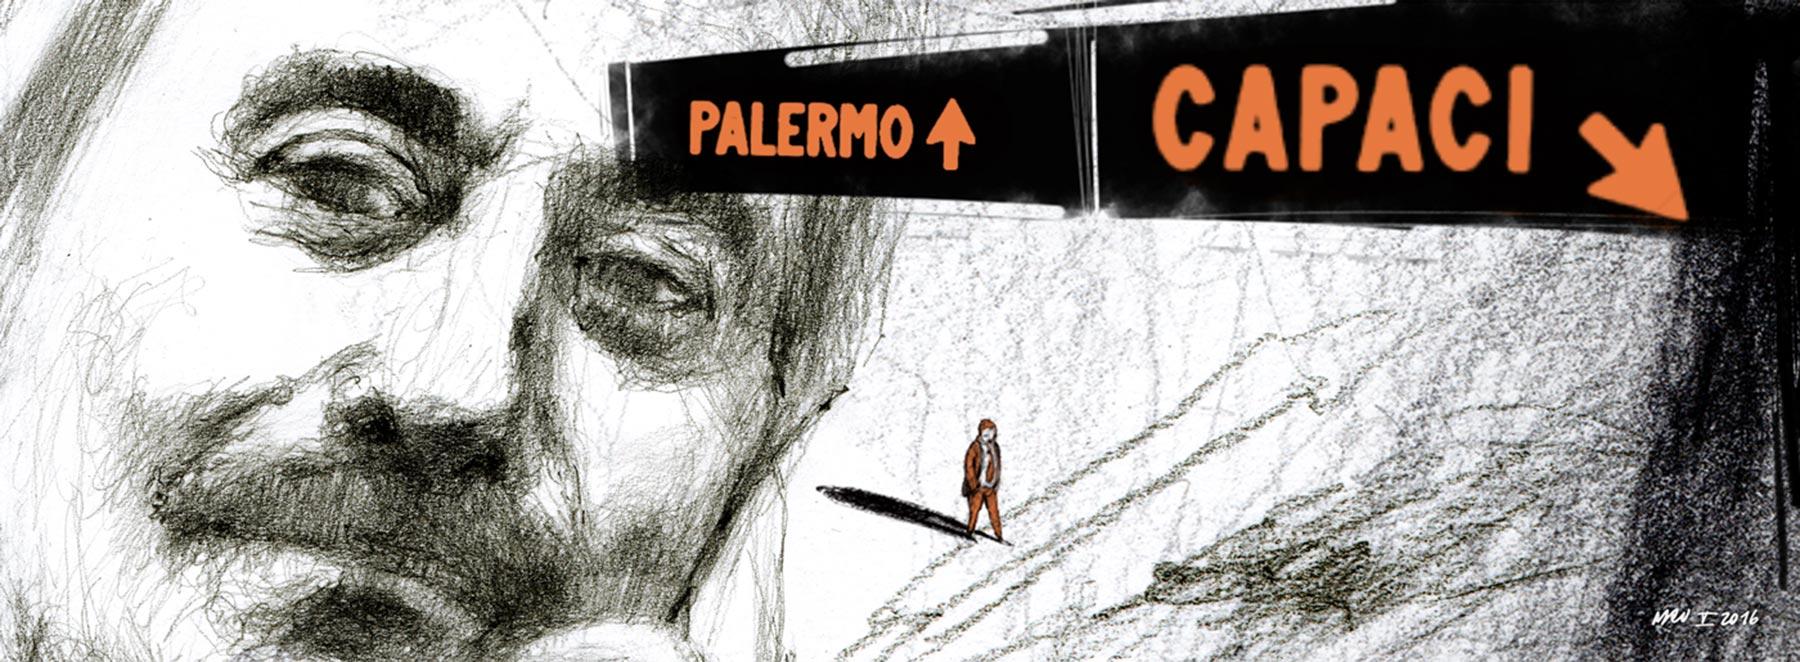 copertina-strage-capaci-giovanni-falcone